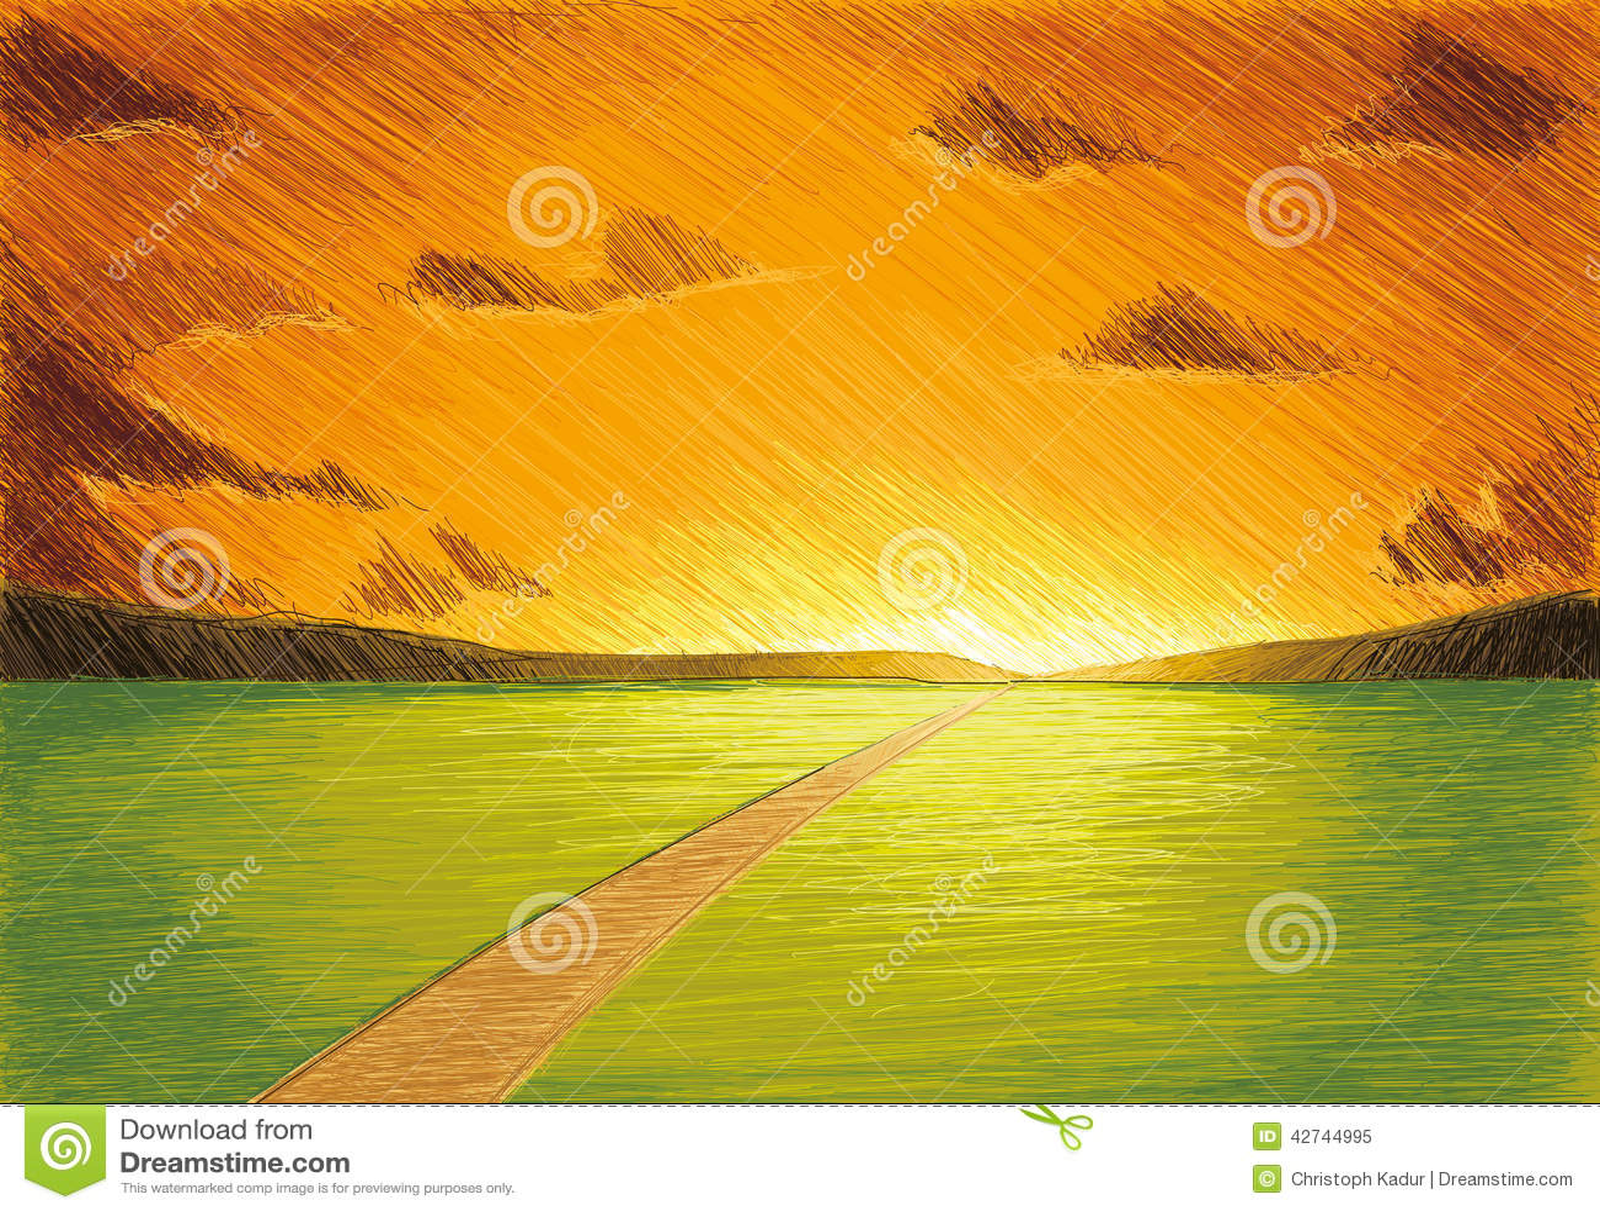 Puesta del sol de la tarde stock de ilustraci n imagen for Bancos abiertos por la tarde